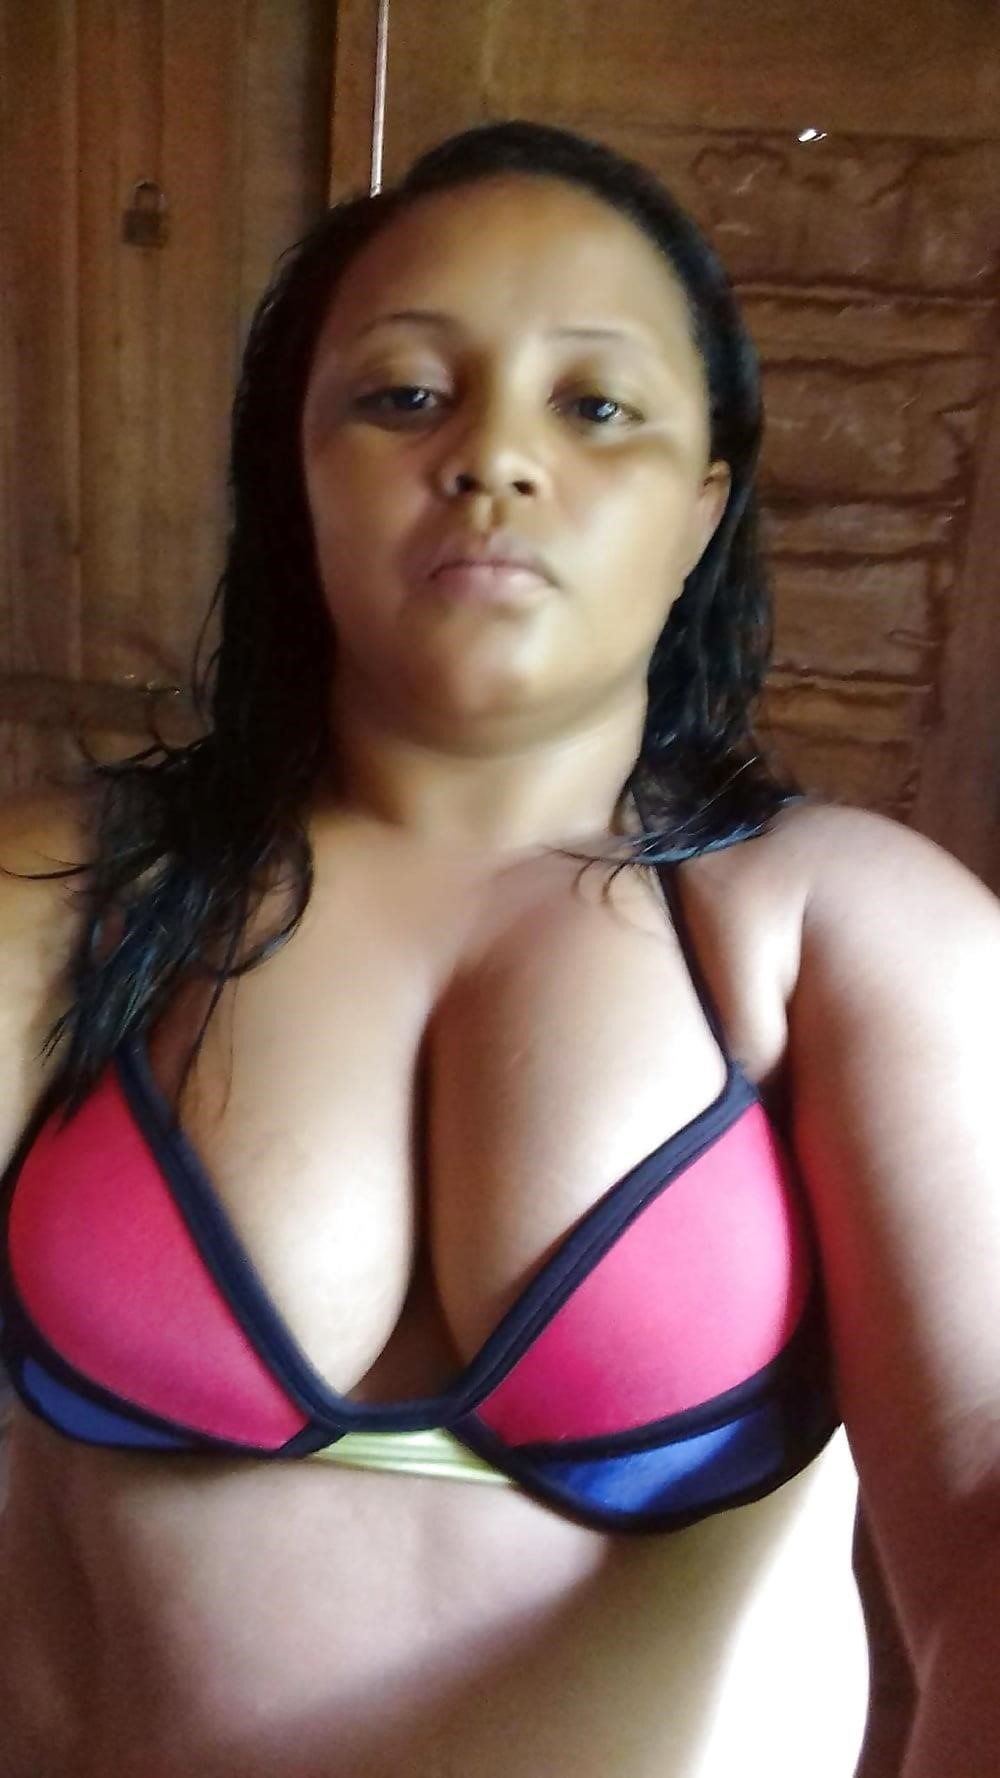 Moms big boob pics-6571